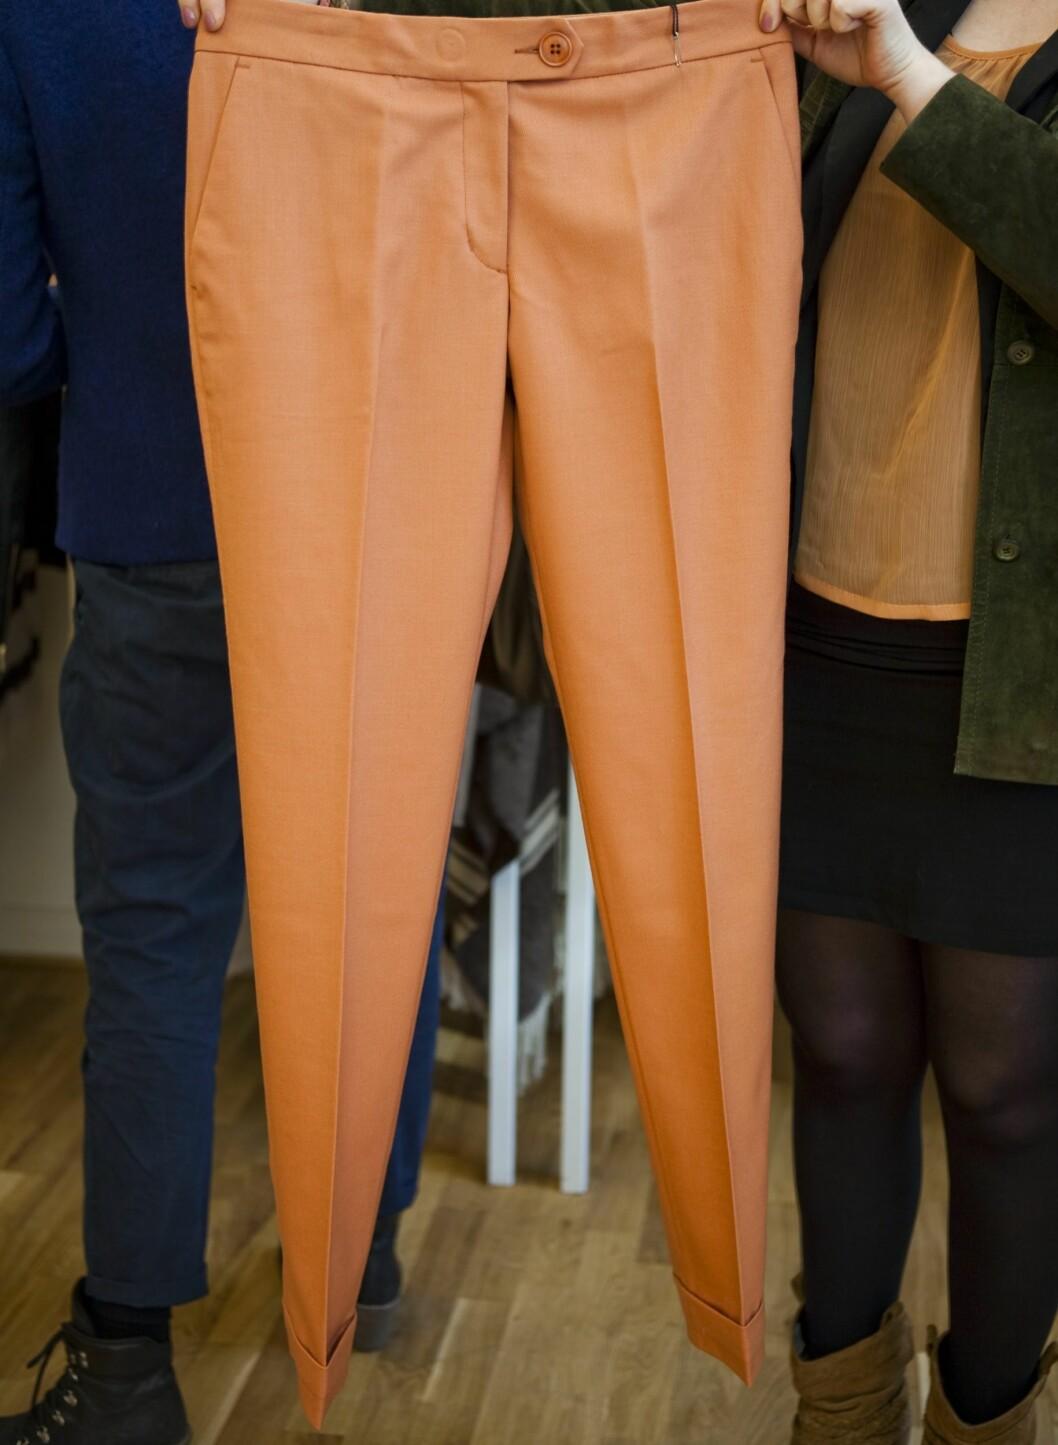 –En nydelig, litt skitten ferskenfarget bukse er en litt varmere vri på den klassiske khakibuksen, og denne modellen ser veldig lekker ut. Ser for meg nok et enkelt antrekk med pologenser og pumps, og kanskje en deilig poncho for å holde varmen.   Bukser fra by Malene Birger, kr 1900. Foto: Per Ervland